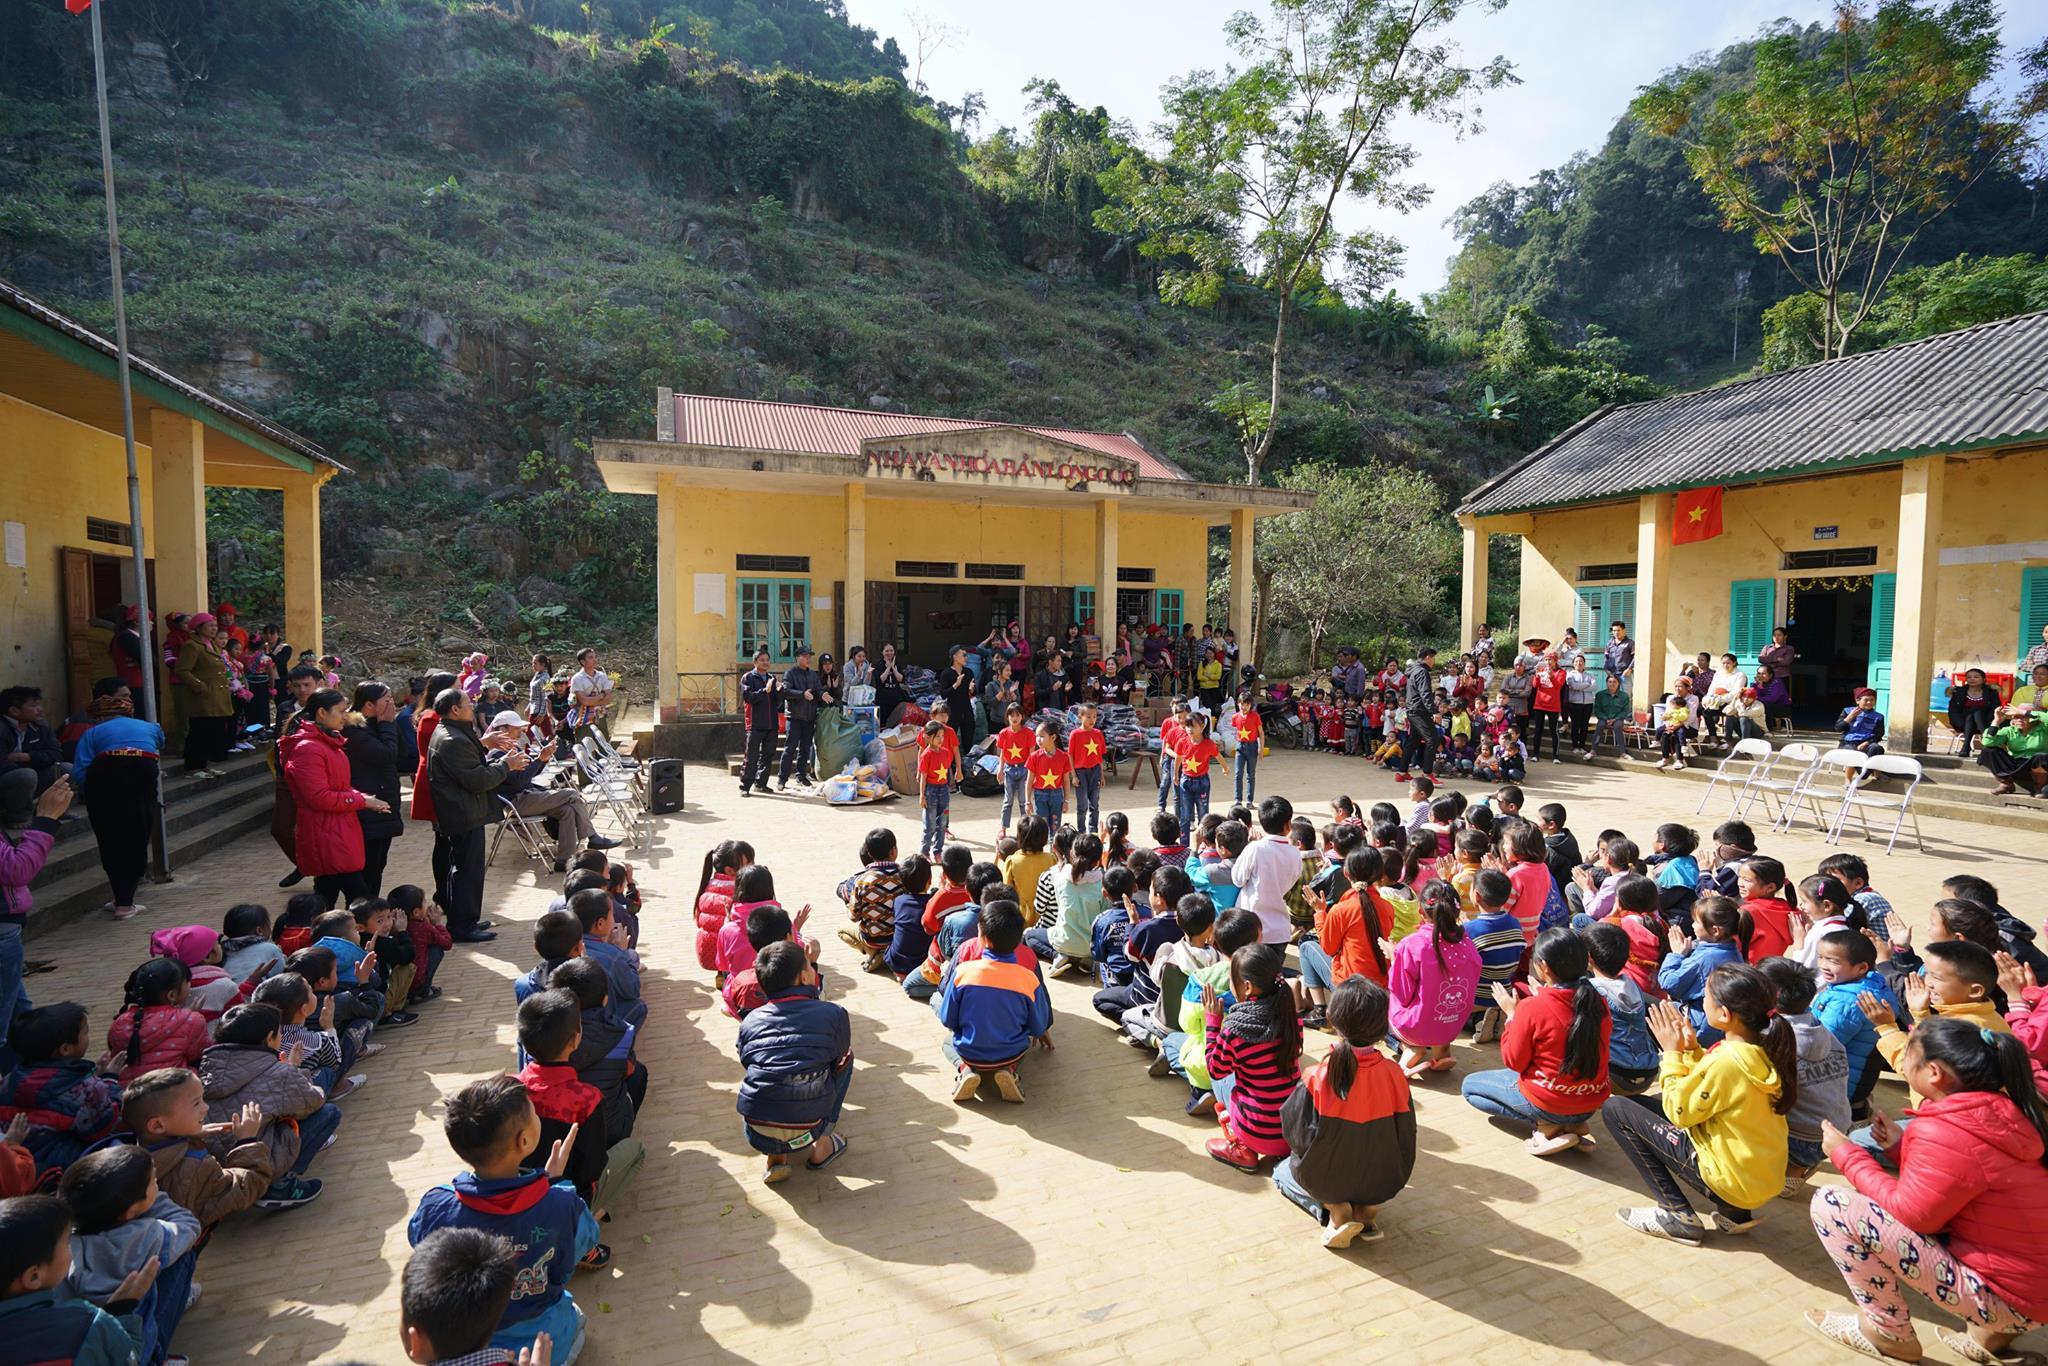 Nghĩa cử cao đẹp của nhóm du học sinh Úc quyên góp từ thiện giúp trẻ em vùng cao Vietnam 2 - Nghĩa cử cao đẹp của nhóm du học sinh Úc quyên góp từ thiện giúp trẻ em vùng cao Vietnam